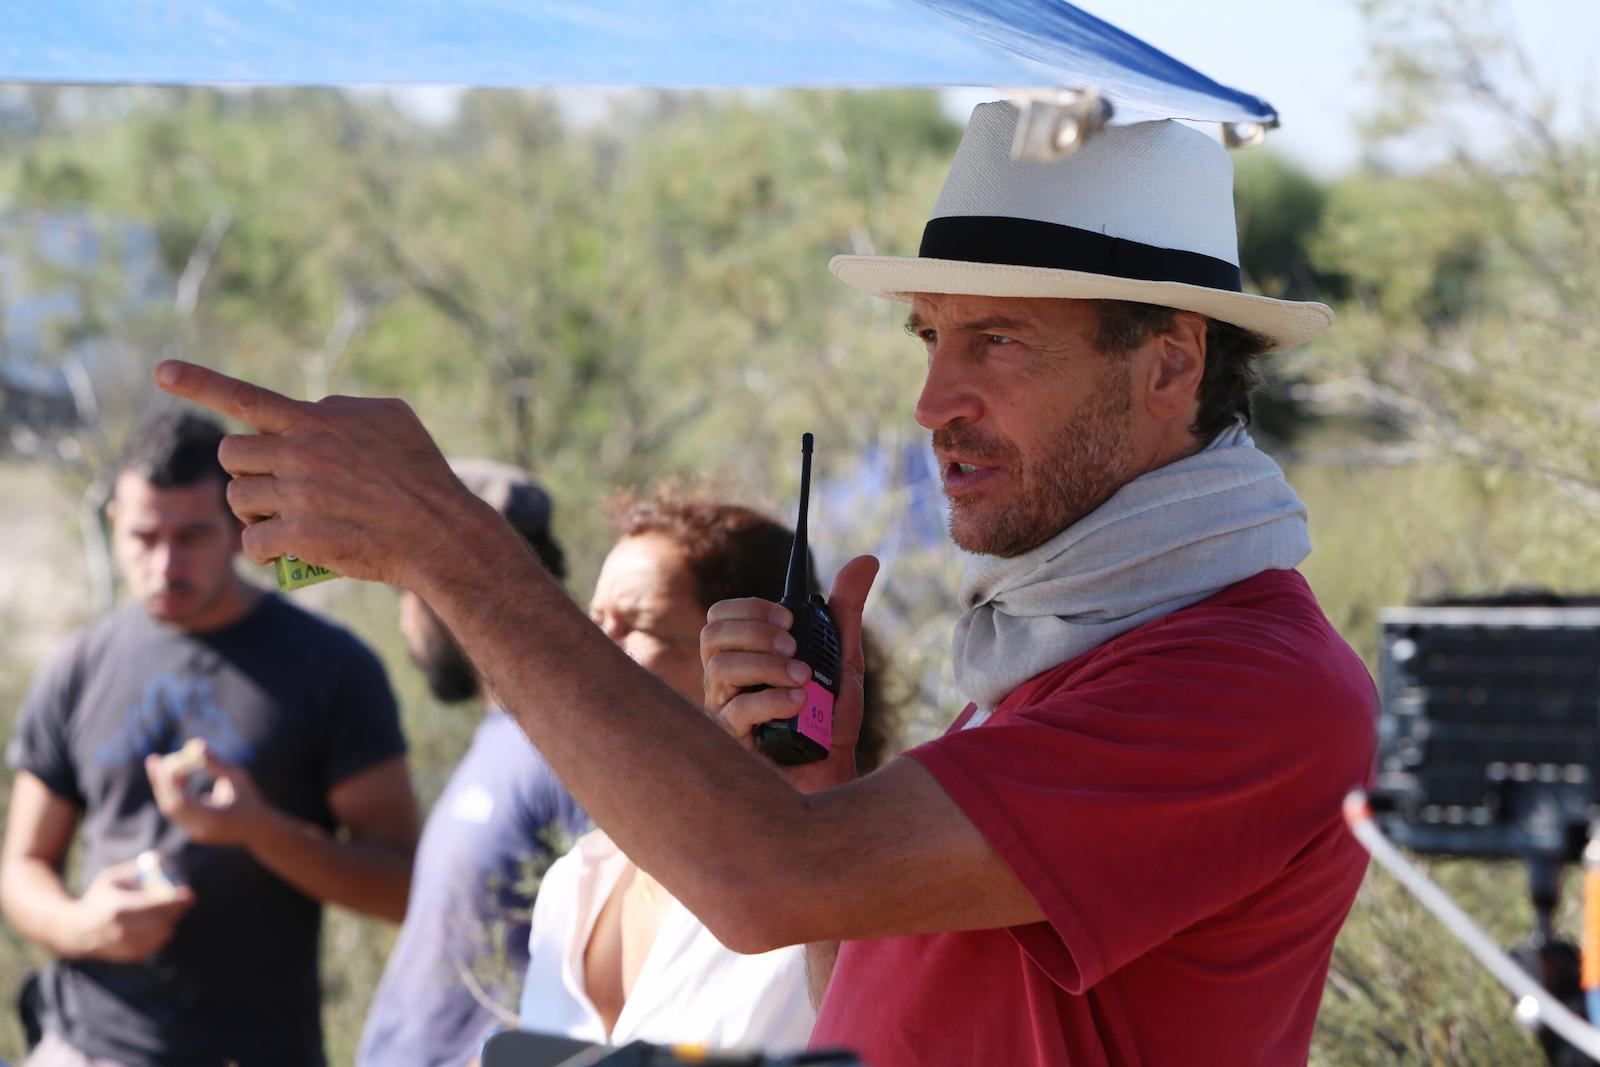 Braccialetti rossi 2: il regista Giacomo Campiotti sul set della fiction